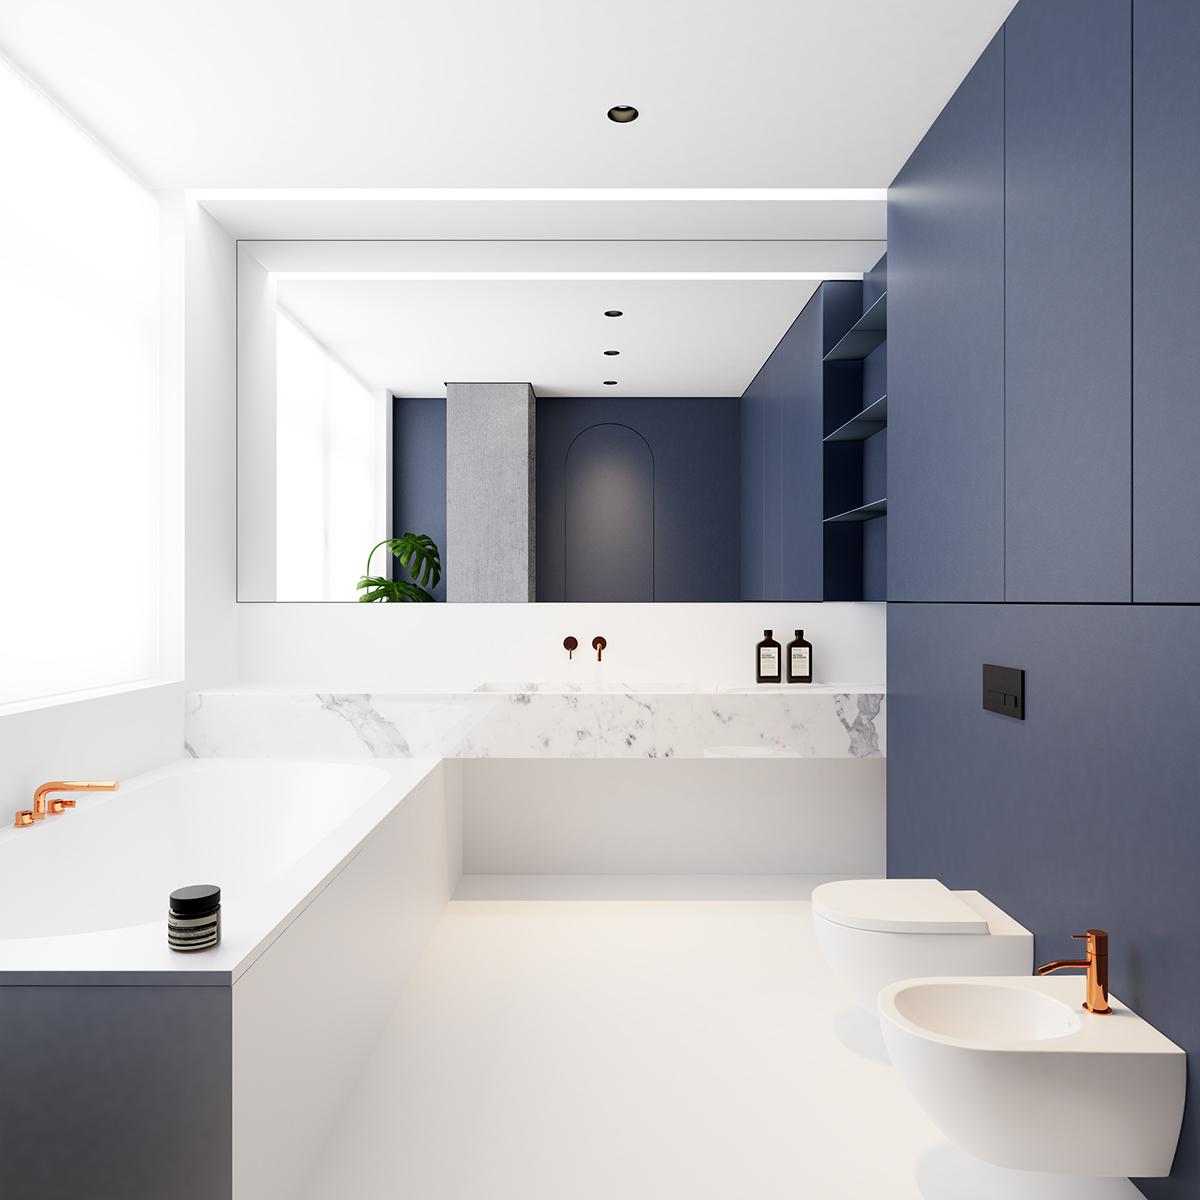 Chique moderne badkamer met kleuren wit, blauw, koper en marmer